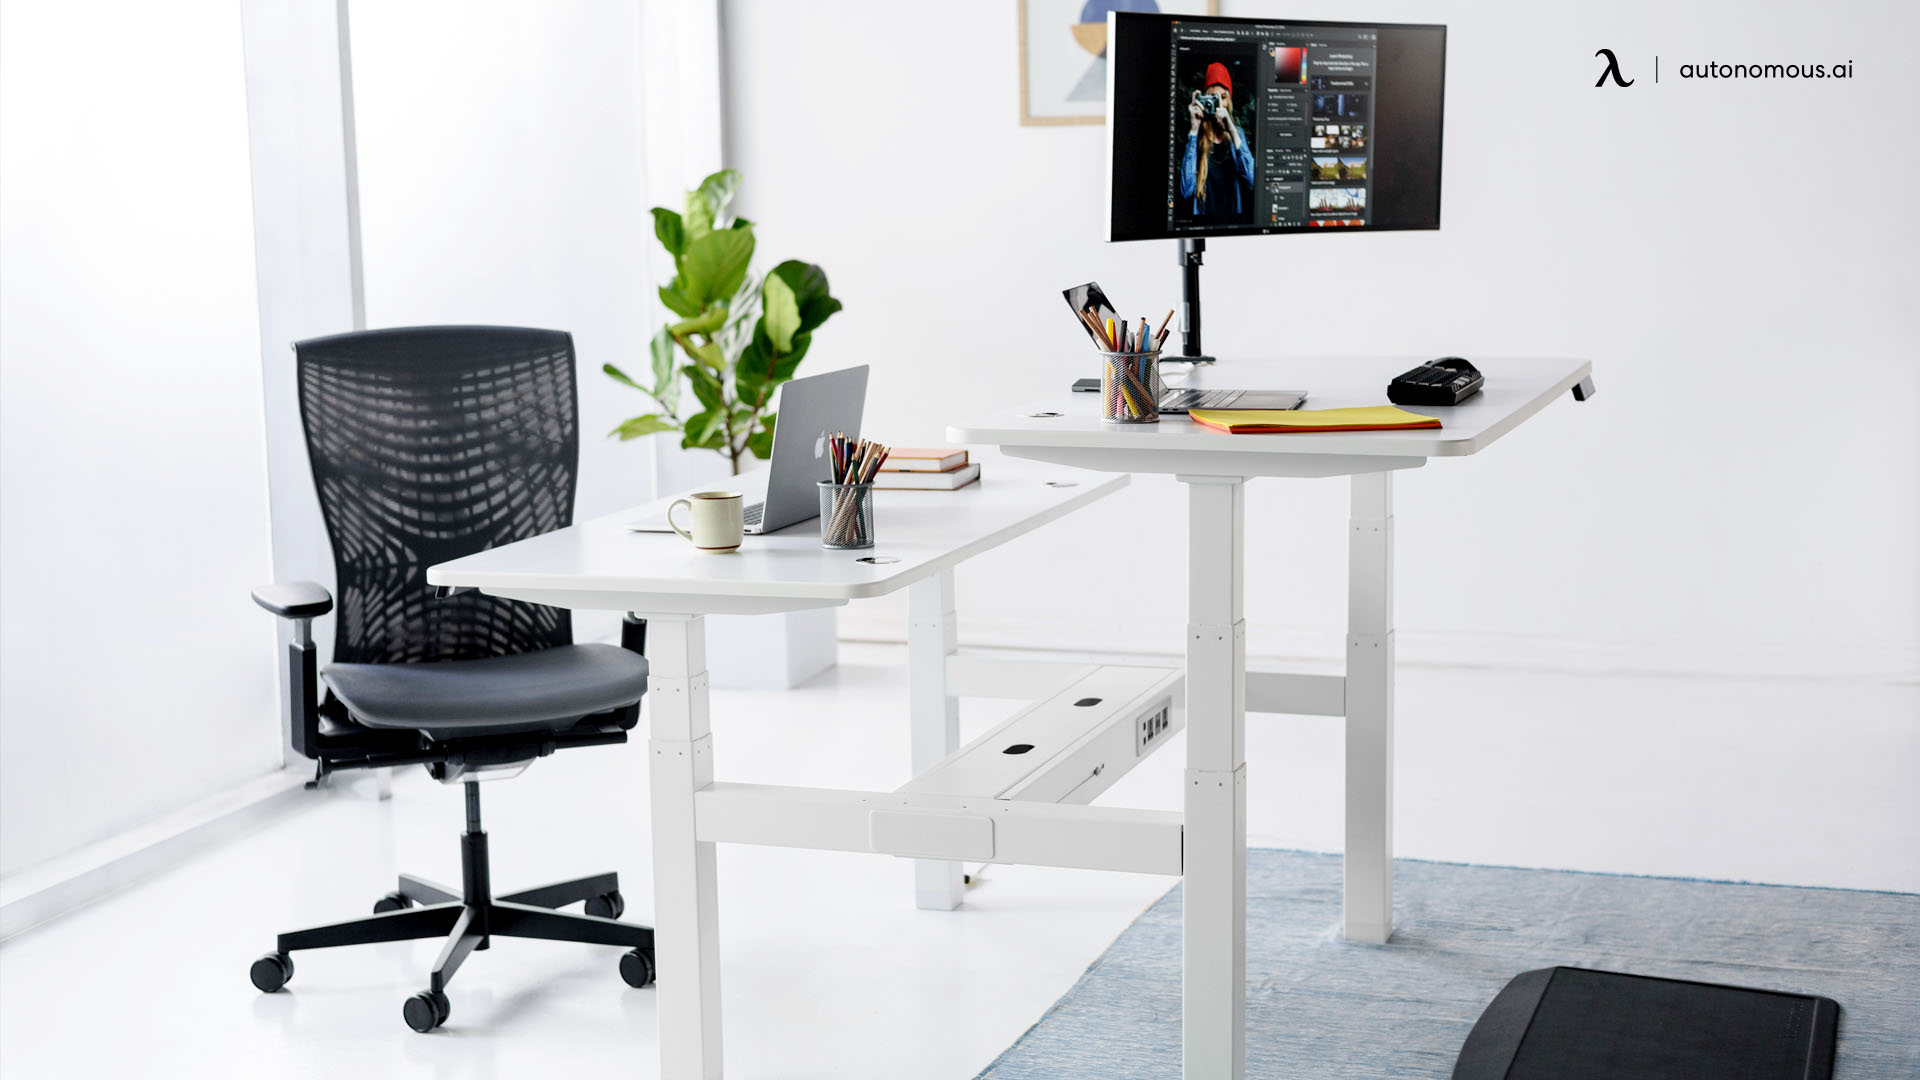 Ergonomic Accessories in ergonomic trend